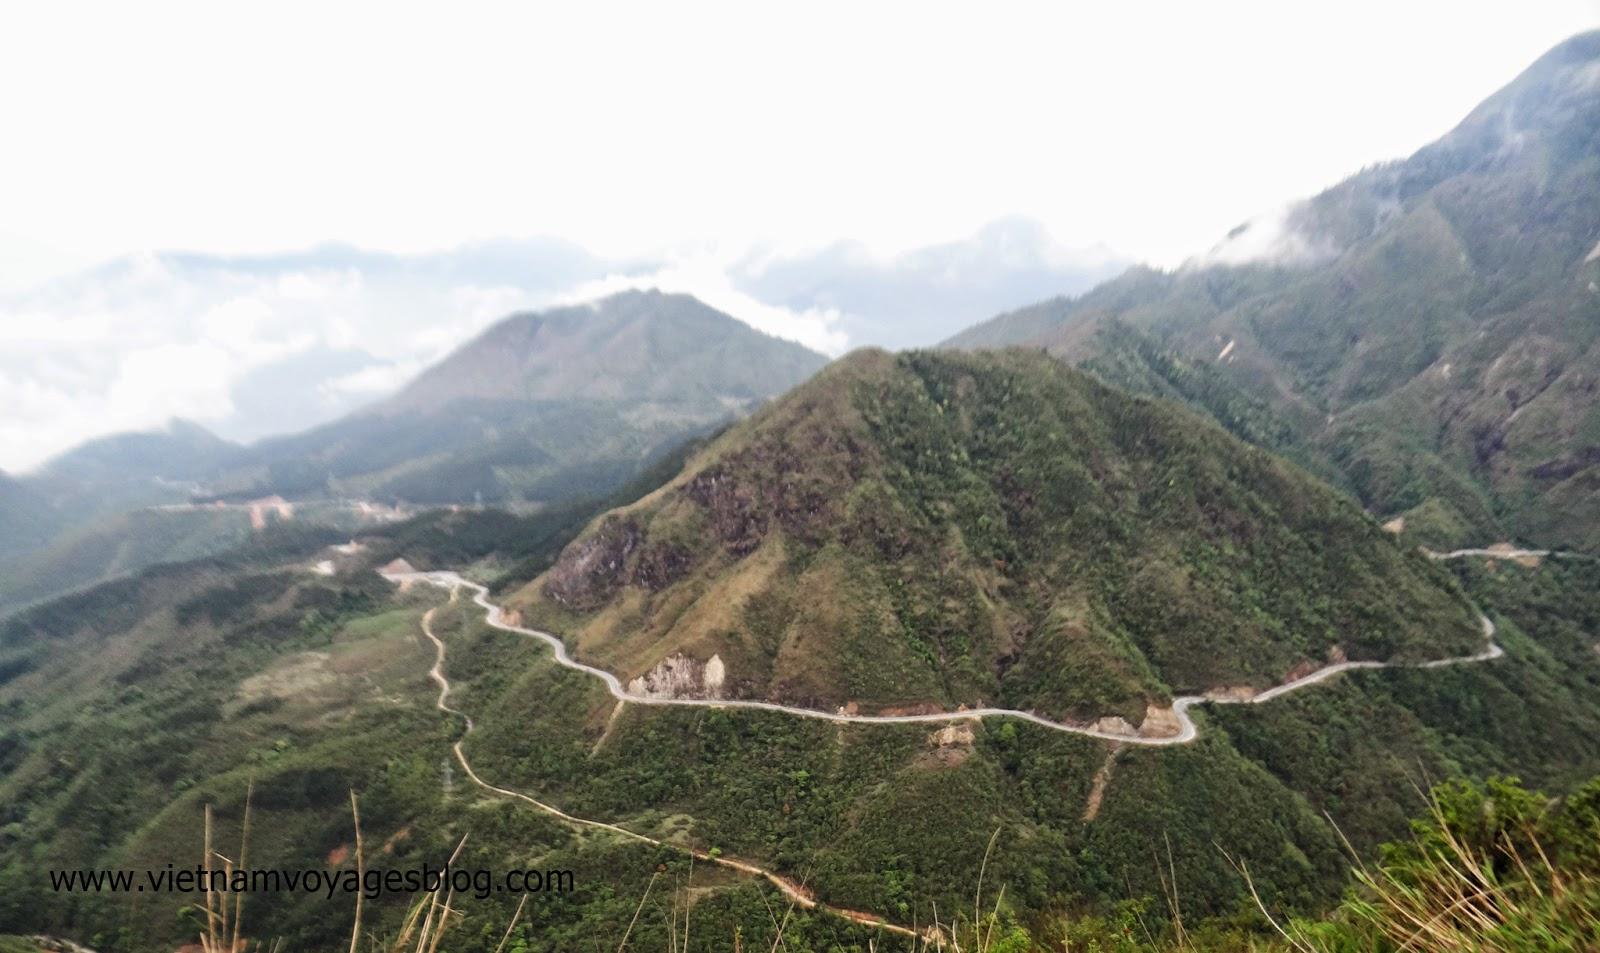 Phong cảnh núi rừng ở Tú Lệ, Yên Bái 2014